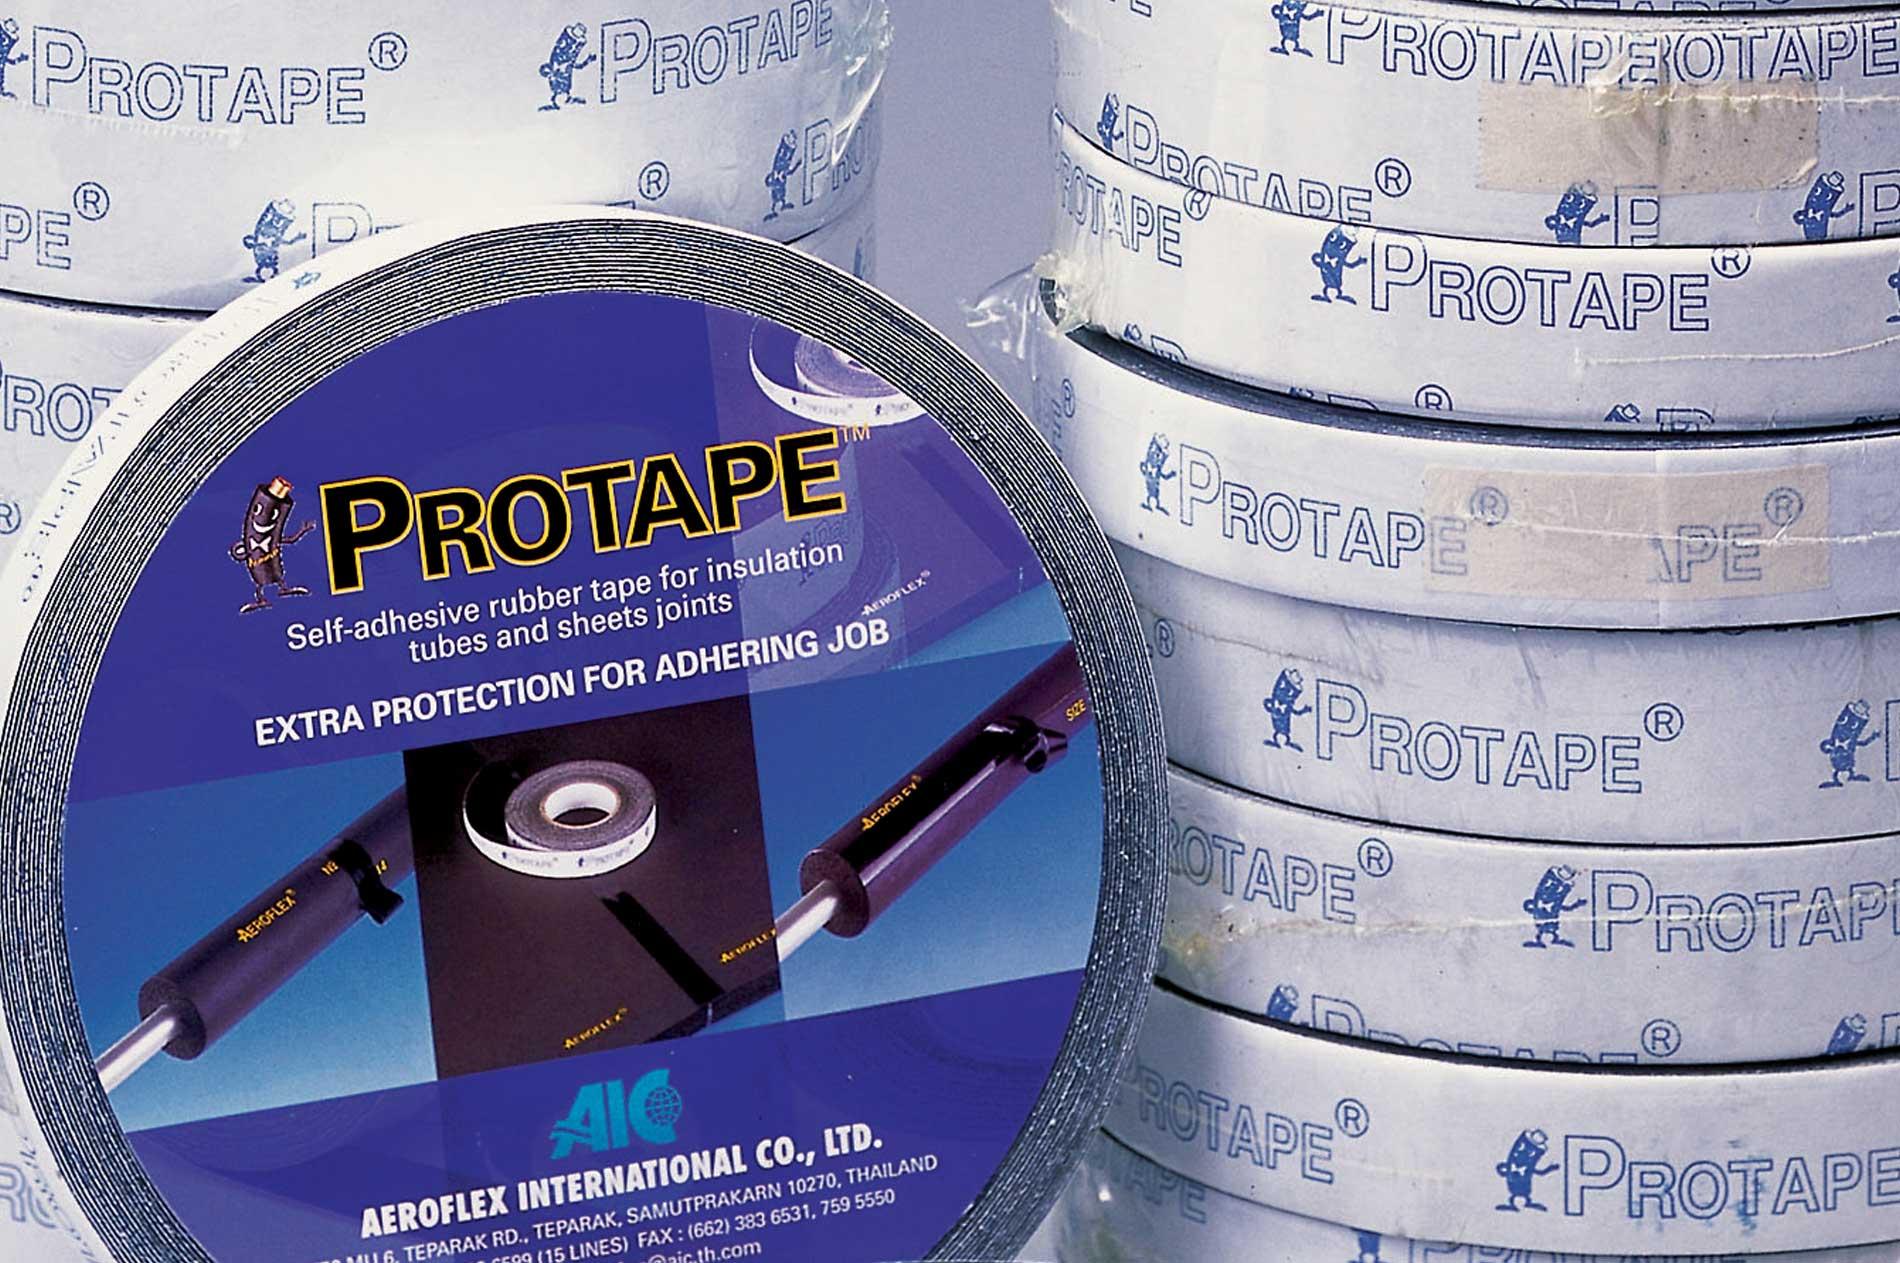 Aerocel Aerocoat ™ es una pintura térmica para aislantes de látex, basada en agua de emulsión acrílica pura. Esta especialmente diseñada para uso con productos de aislamiento Aerocel®. Adquiere tu pintura térmica en DTA México.